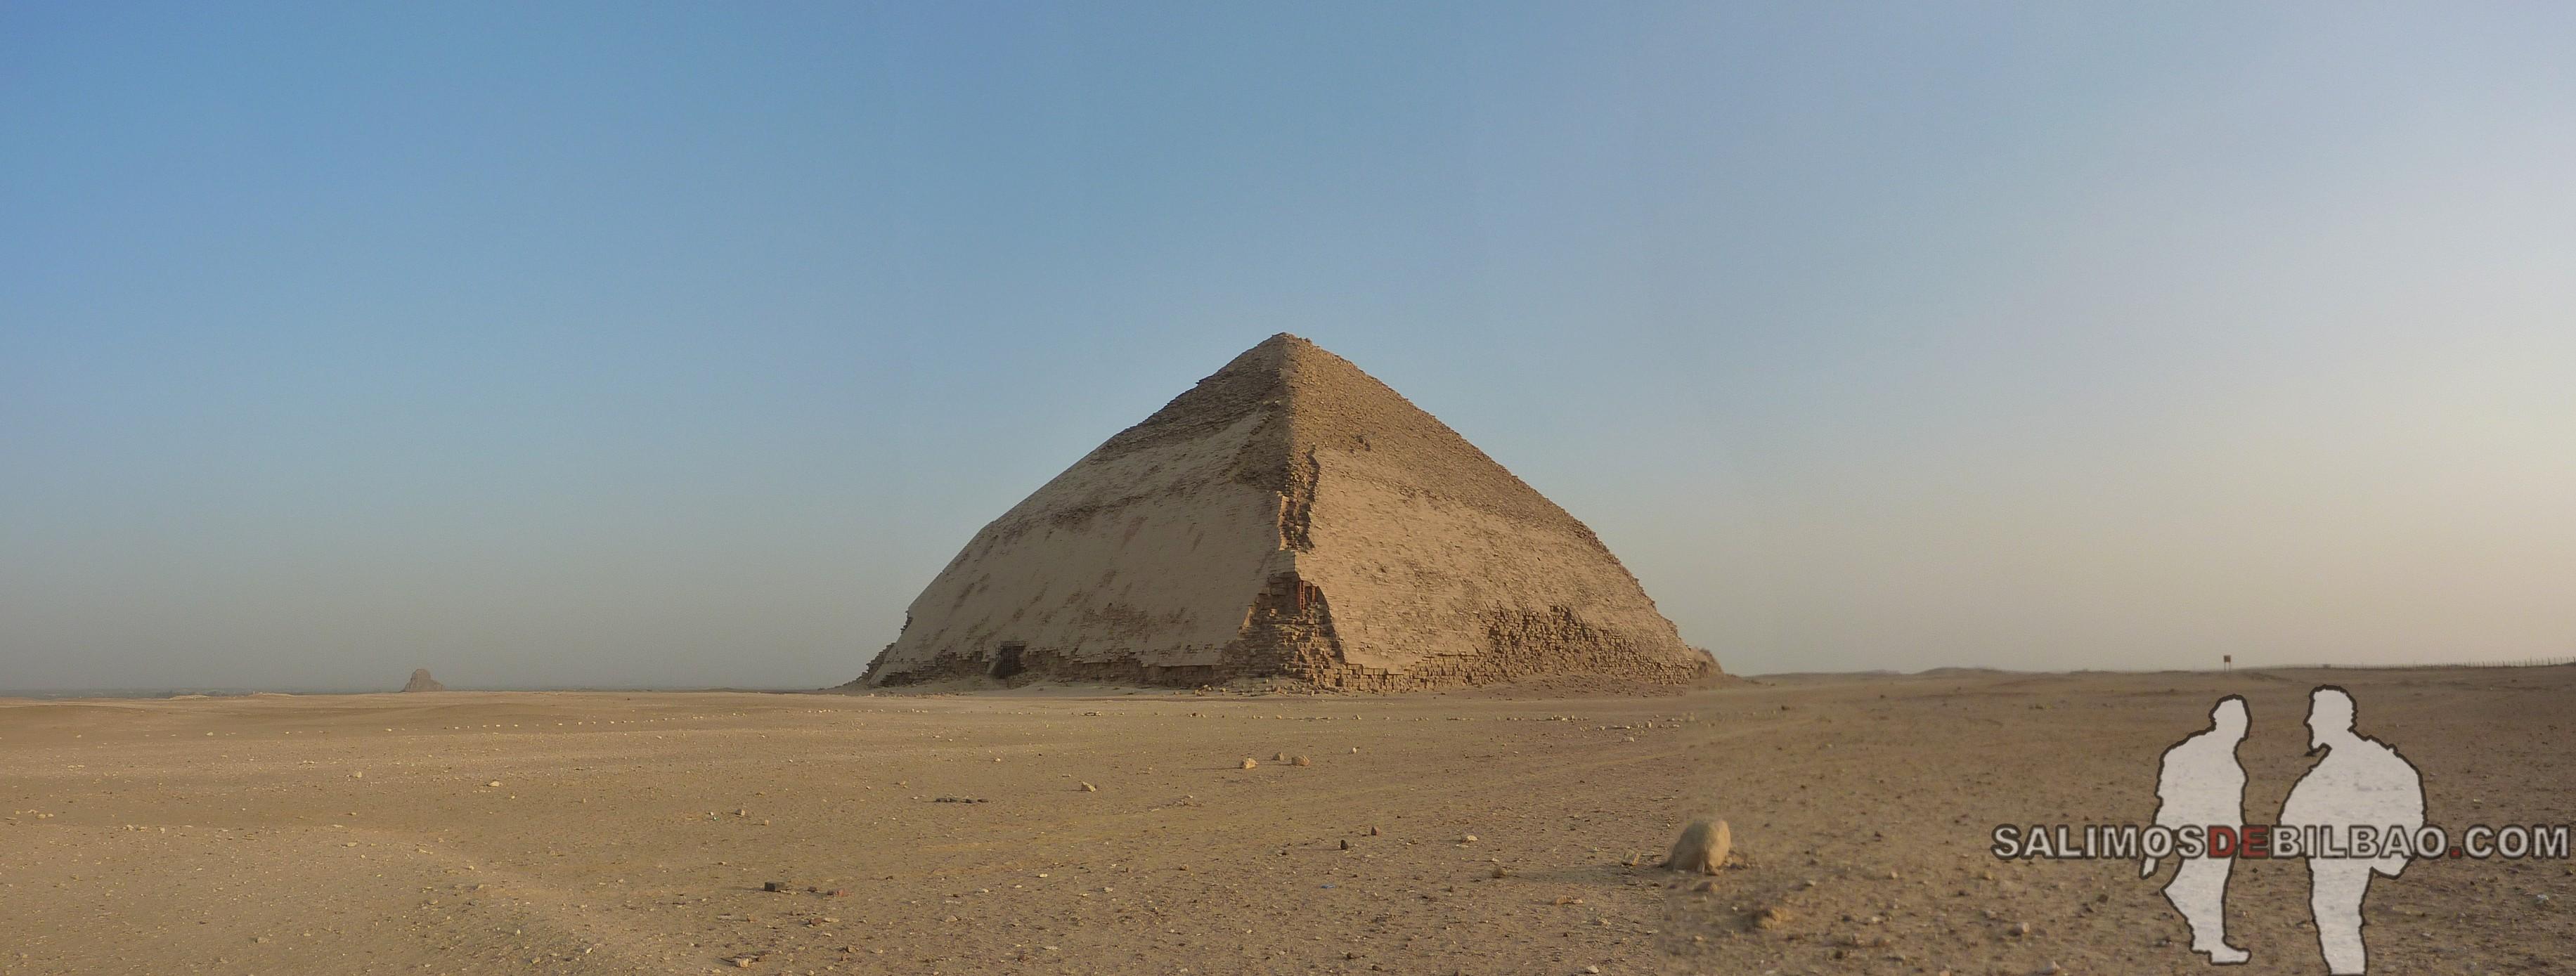 0243. Pano, Pirámide inclinada de Saqqara